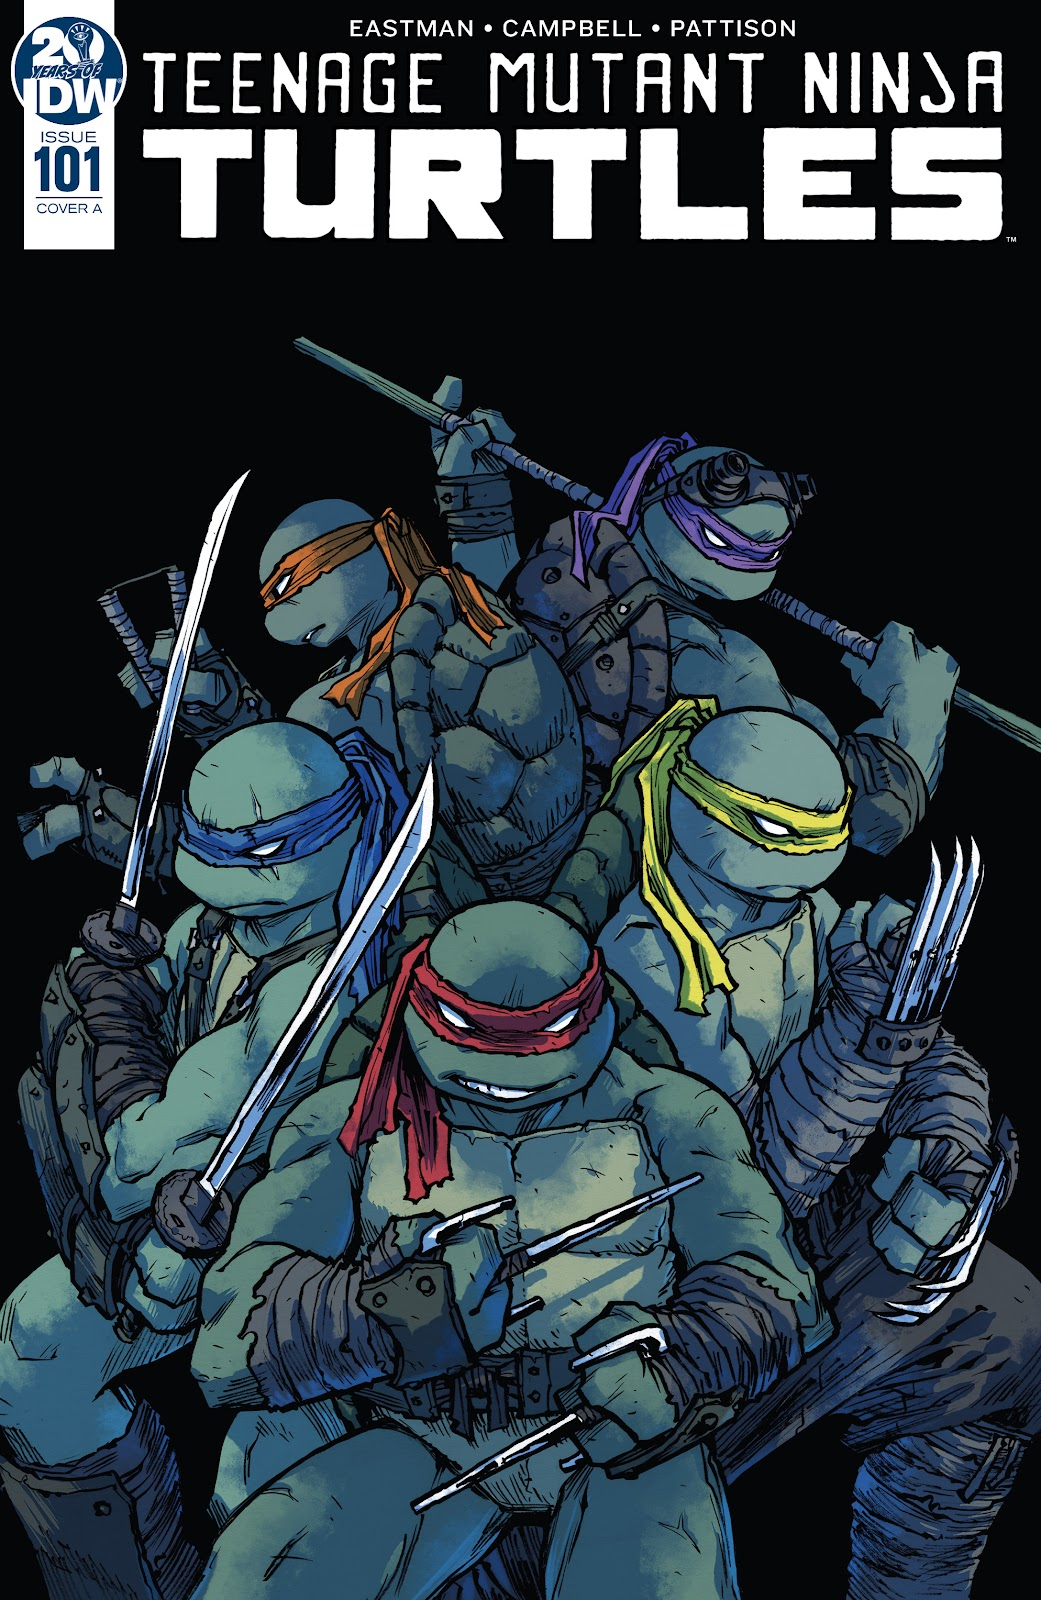 Read online Teenage Mutant Ninja Turtles (2011) comic -  Issue #101 - 1